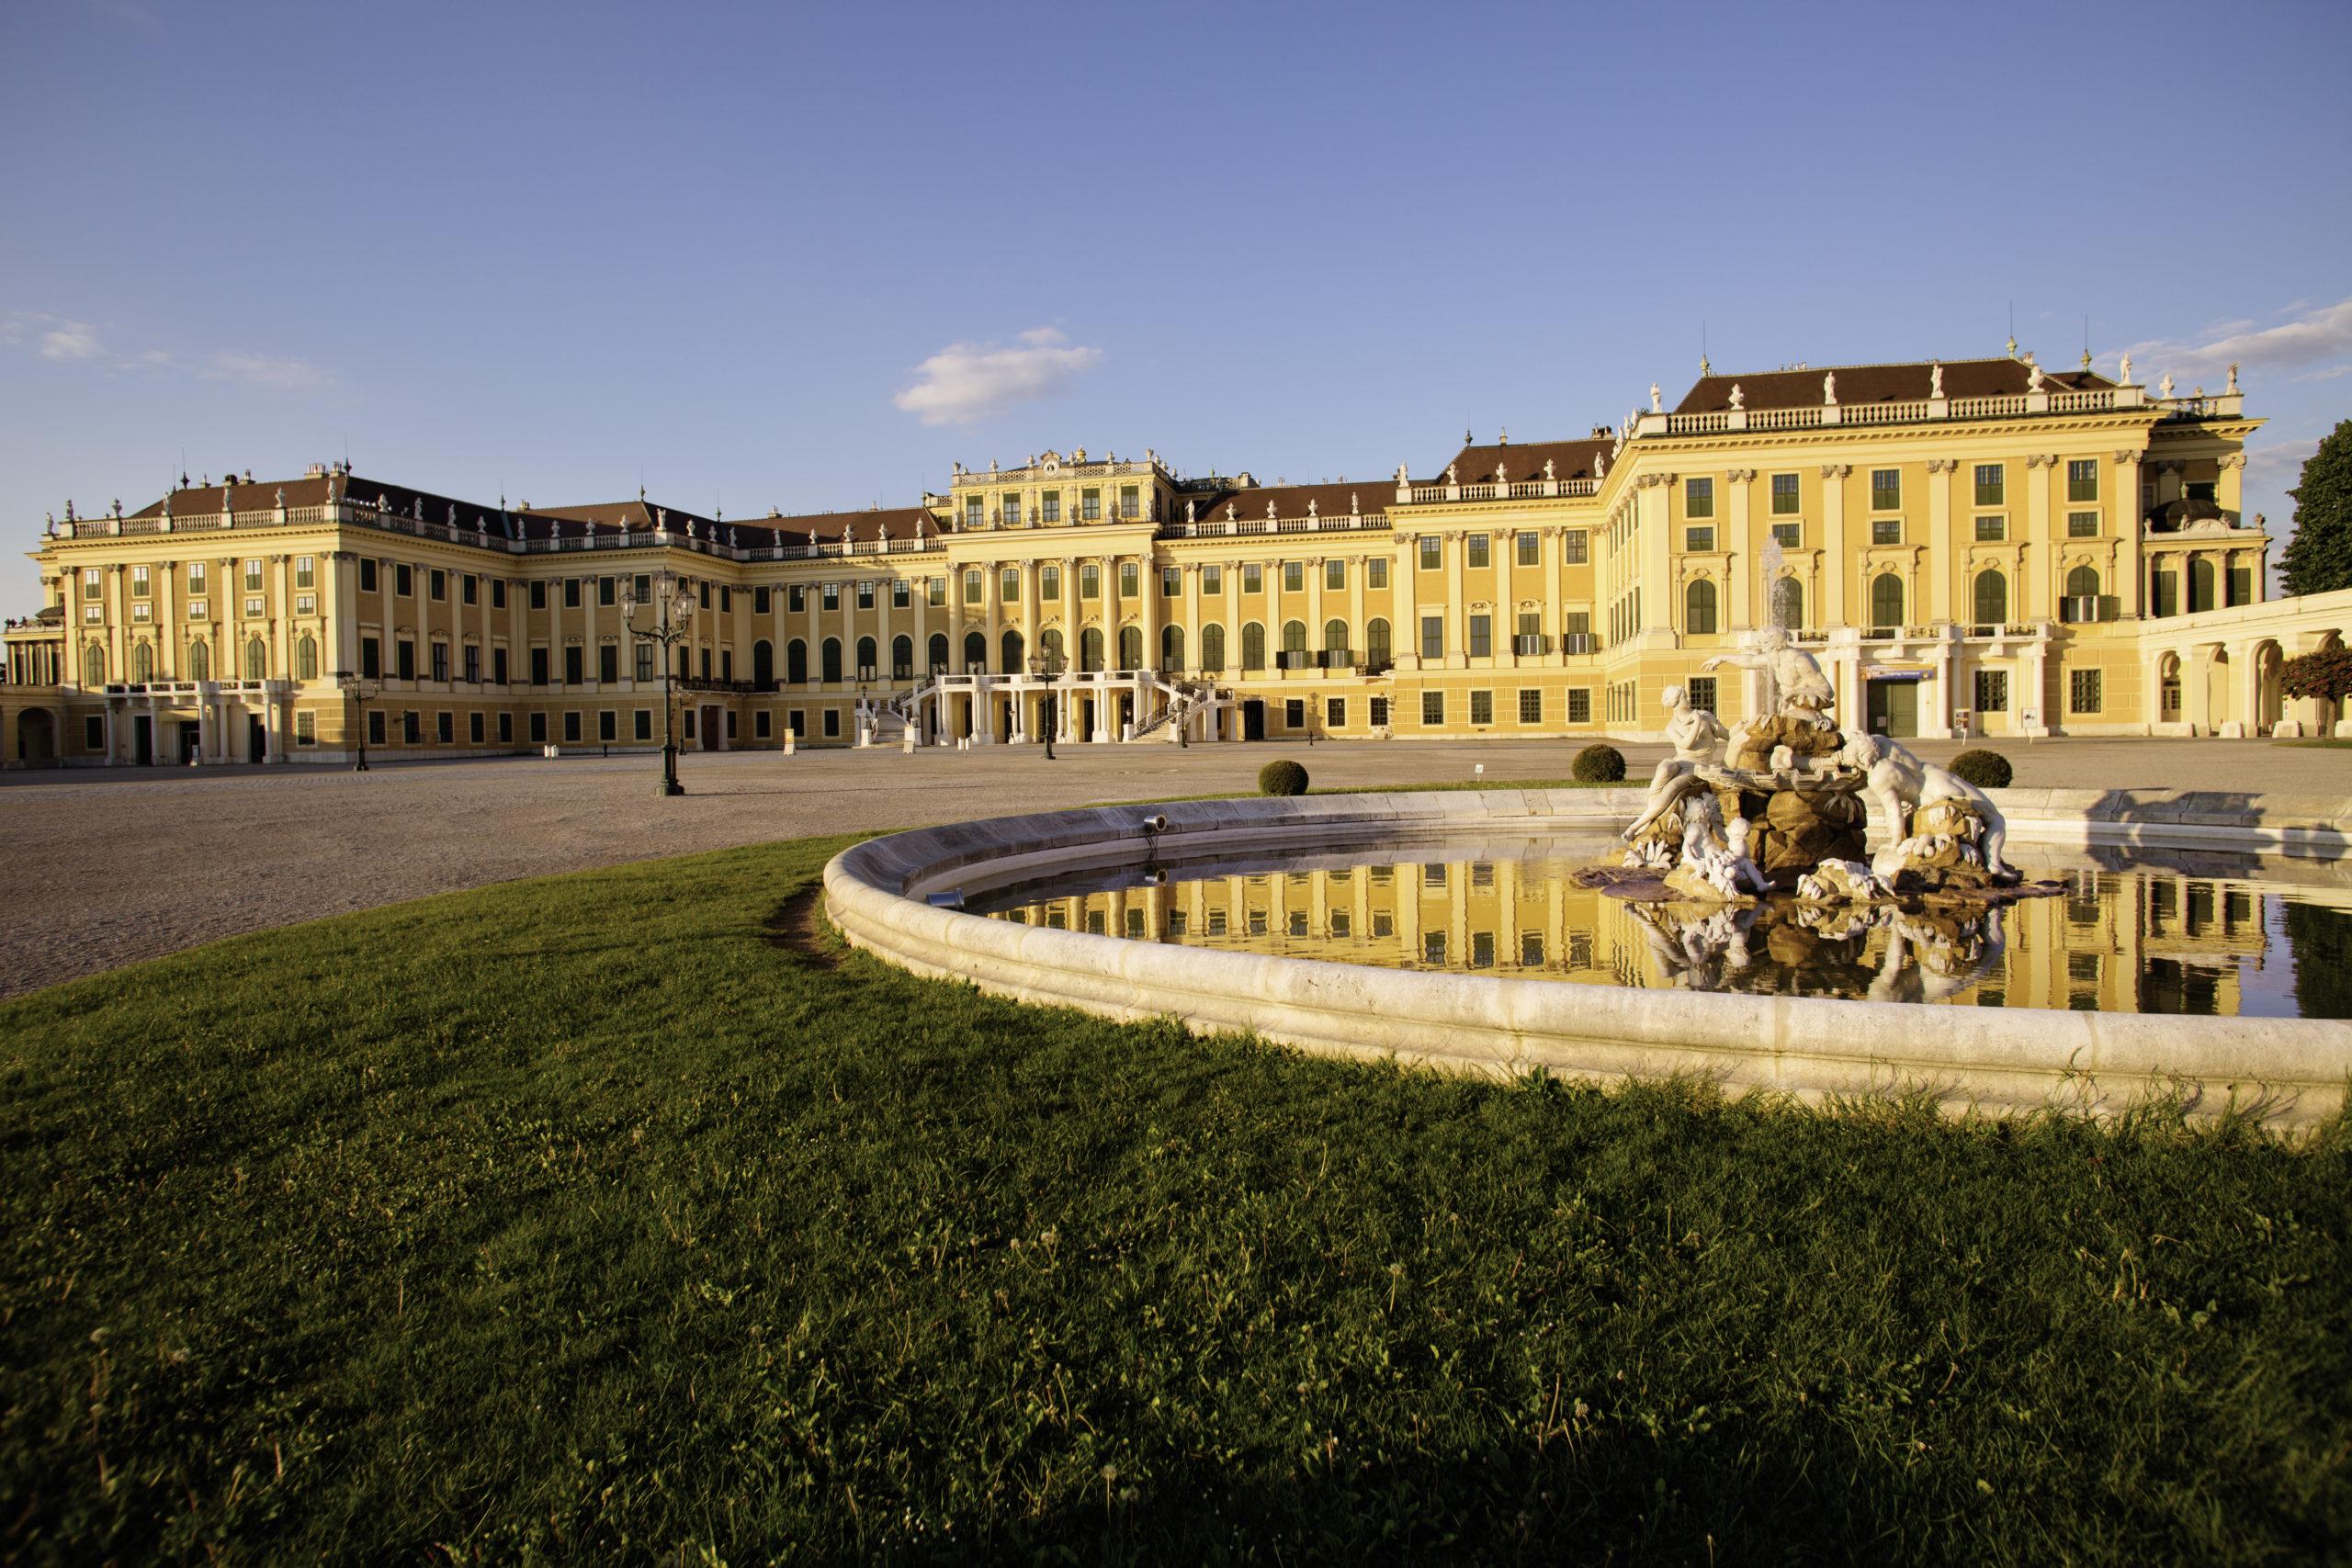 Das Schloss Schönbrunn ist die beliebteste Sehenswürdigkeit in Wien